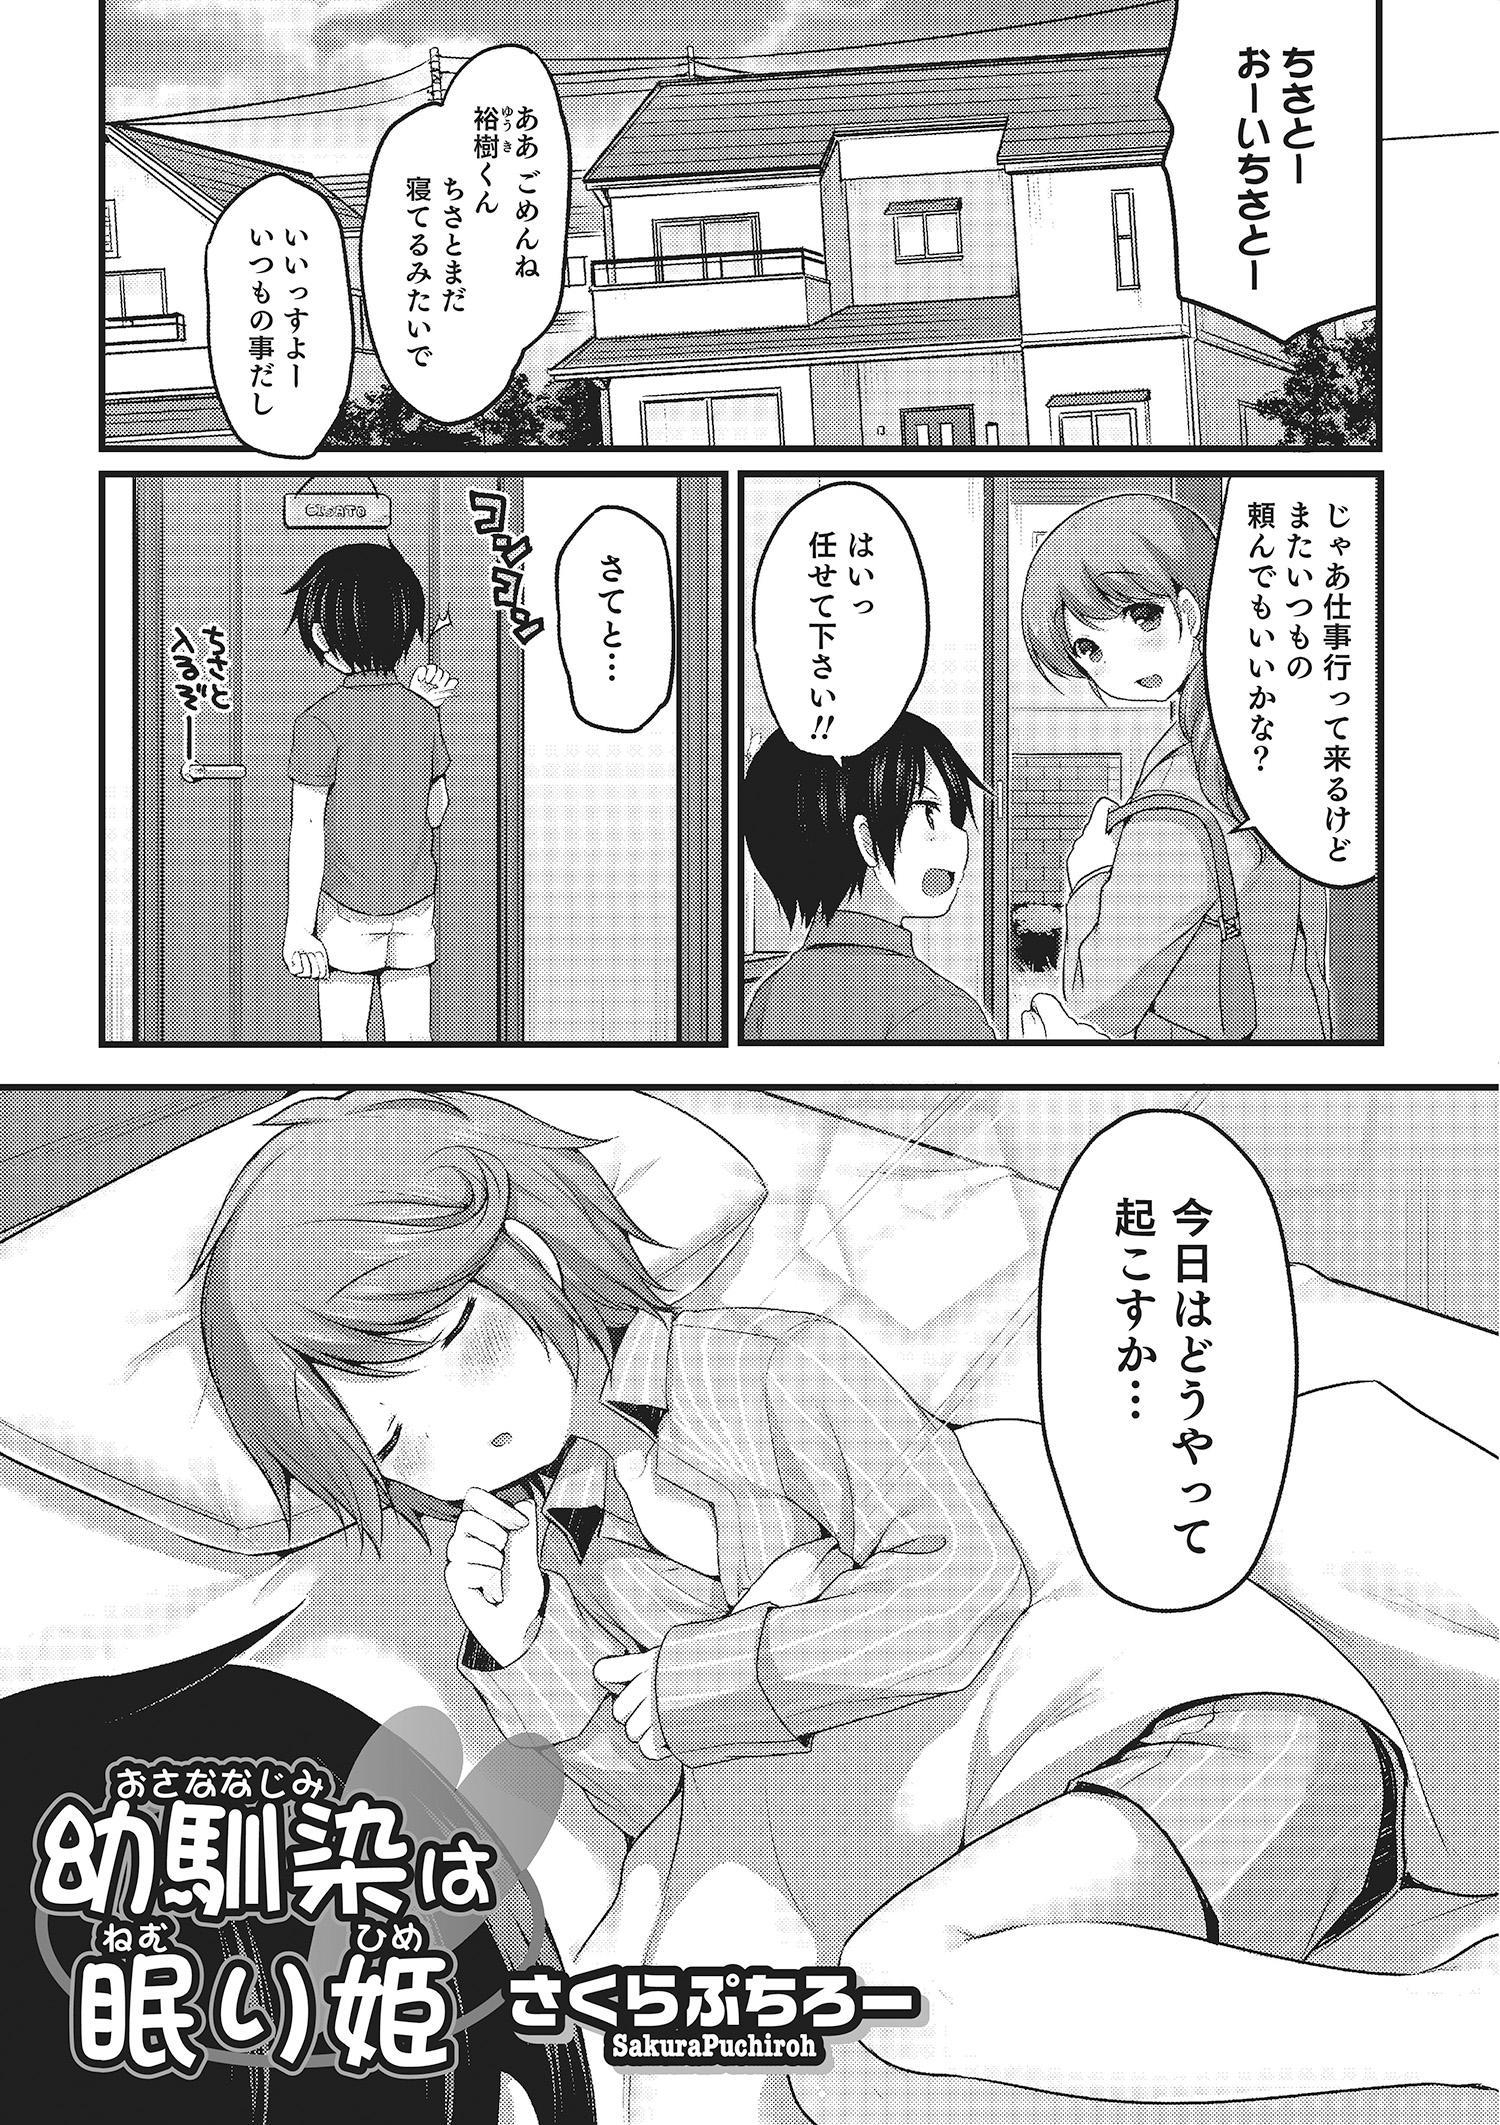 Otokonoko HEAVEN Vol. 22 43